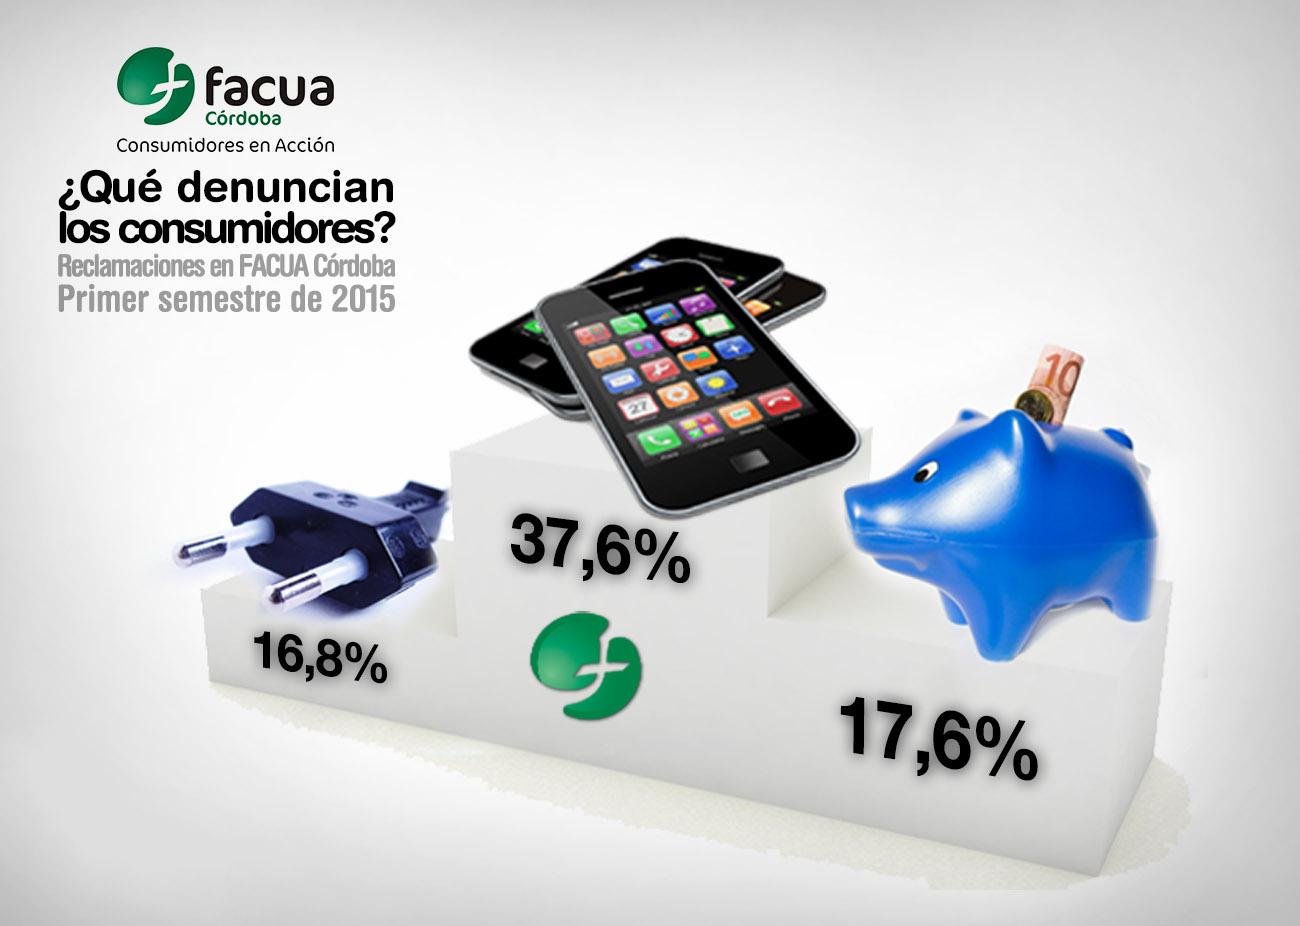 Telecomunicaciones, banca y eléctricas, los sectores más denunciados por los consumidores en Córdoba